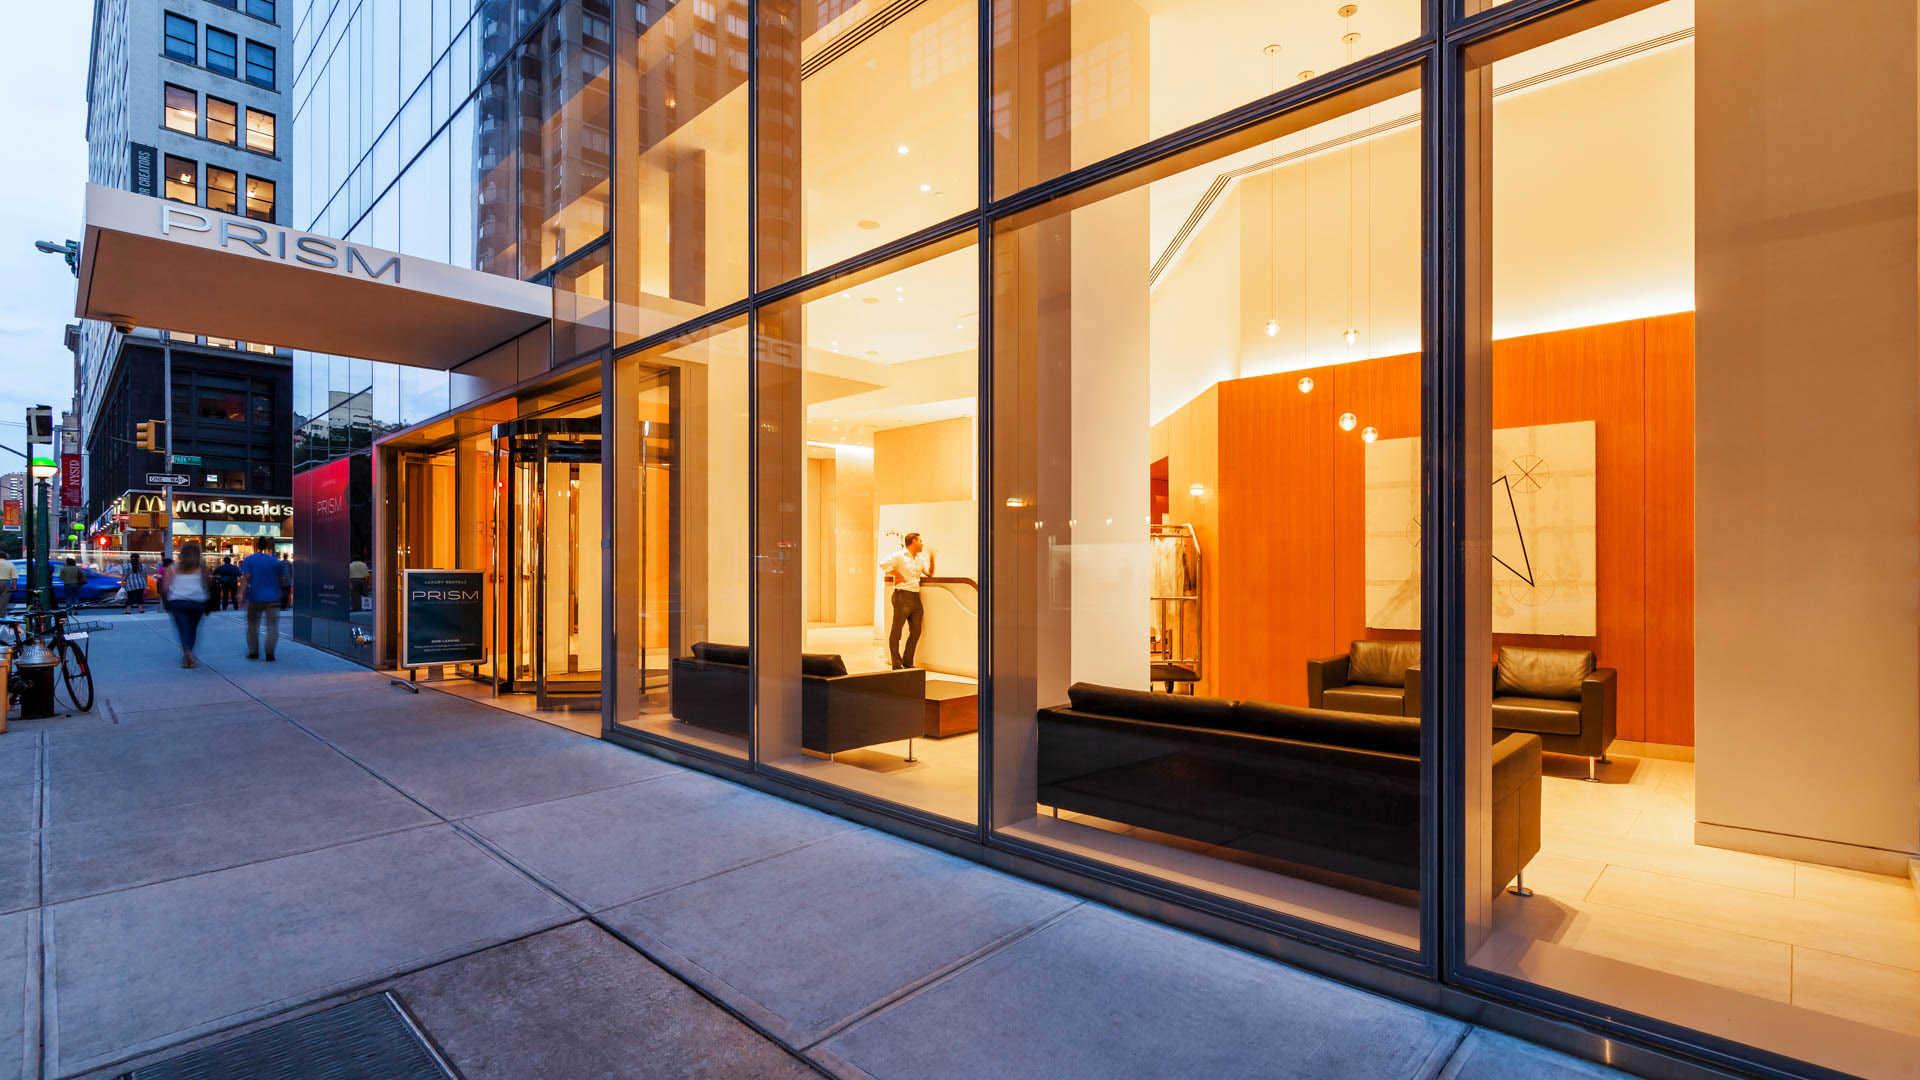 Prism at Park Avenue South Apartments Entrance